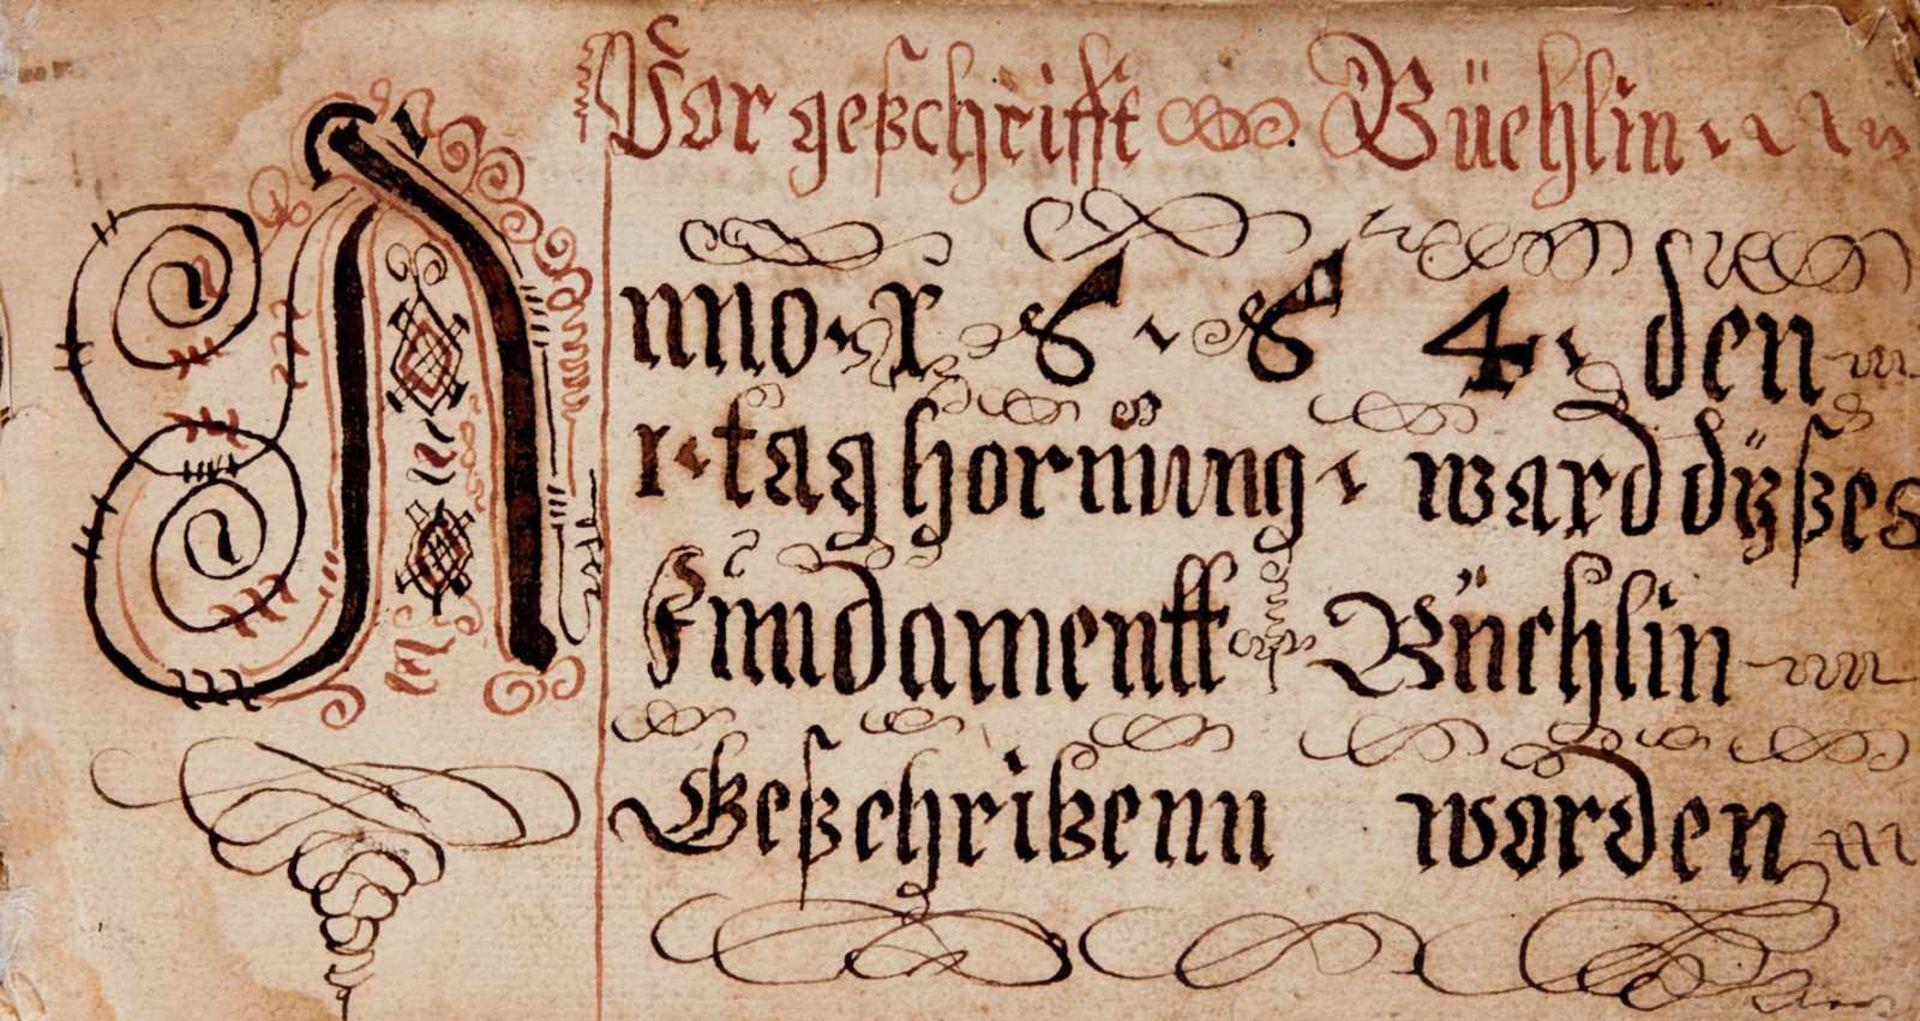 """Schriftmusterbuch- """"Vorgeschrifft Büchlin"""". Deutsche Handschrift auf Papier. WohlDeutschland, dat."""